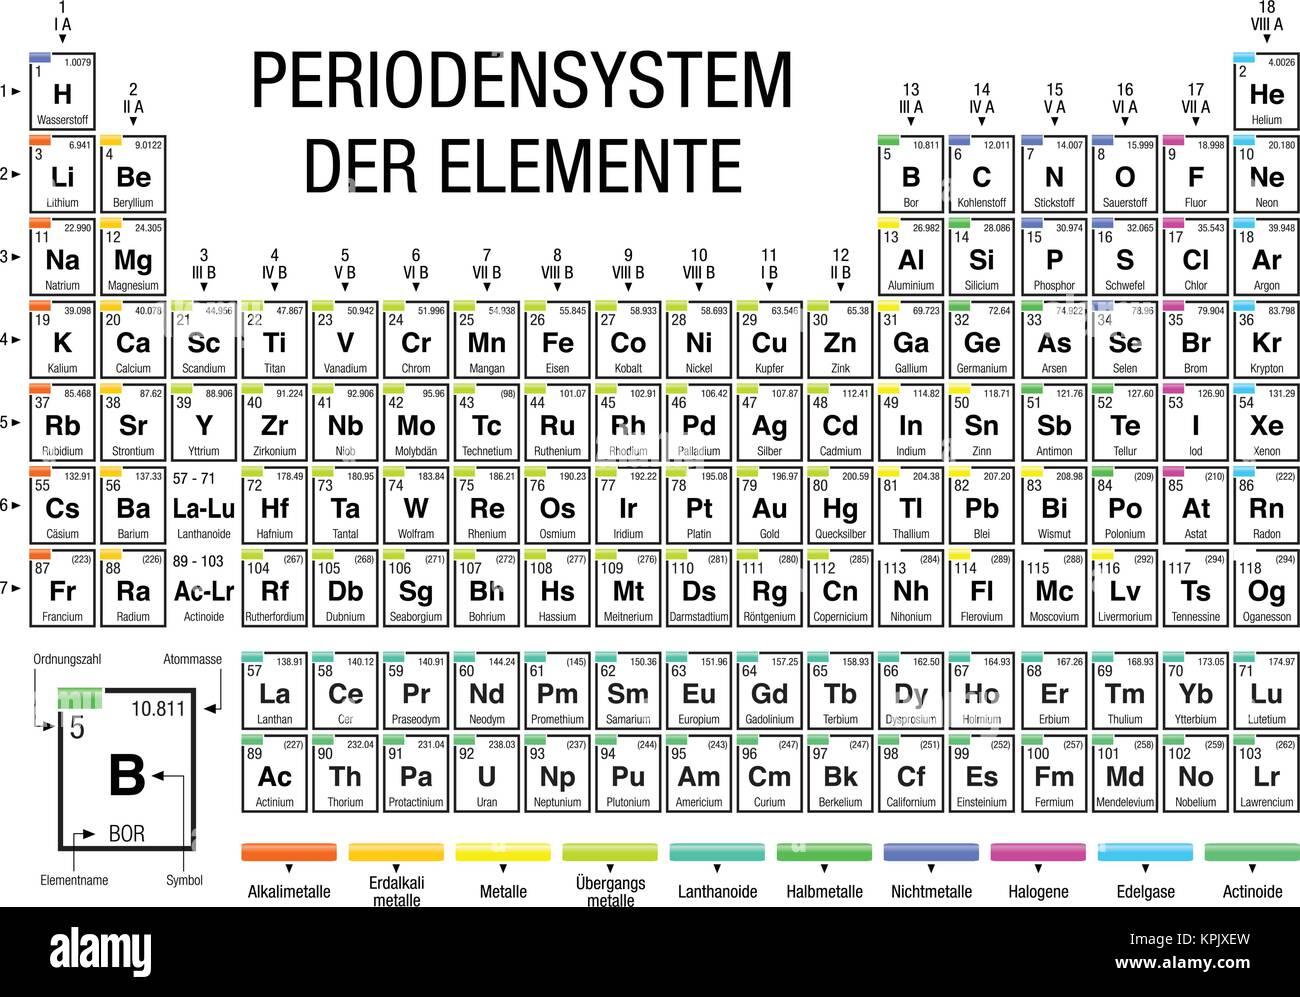 Diagram periodic table elements imgenes de stock diagram periodic elemente der periodensystem tabla peridica de elementos en idioma alemn en blanco y negro urtaz Image collections